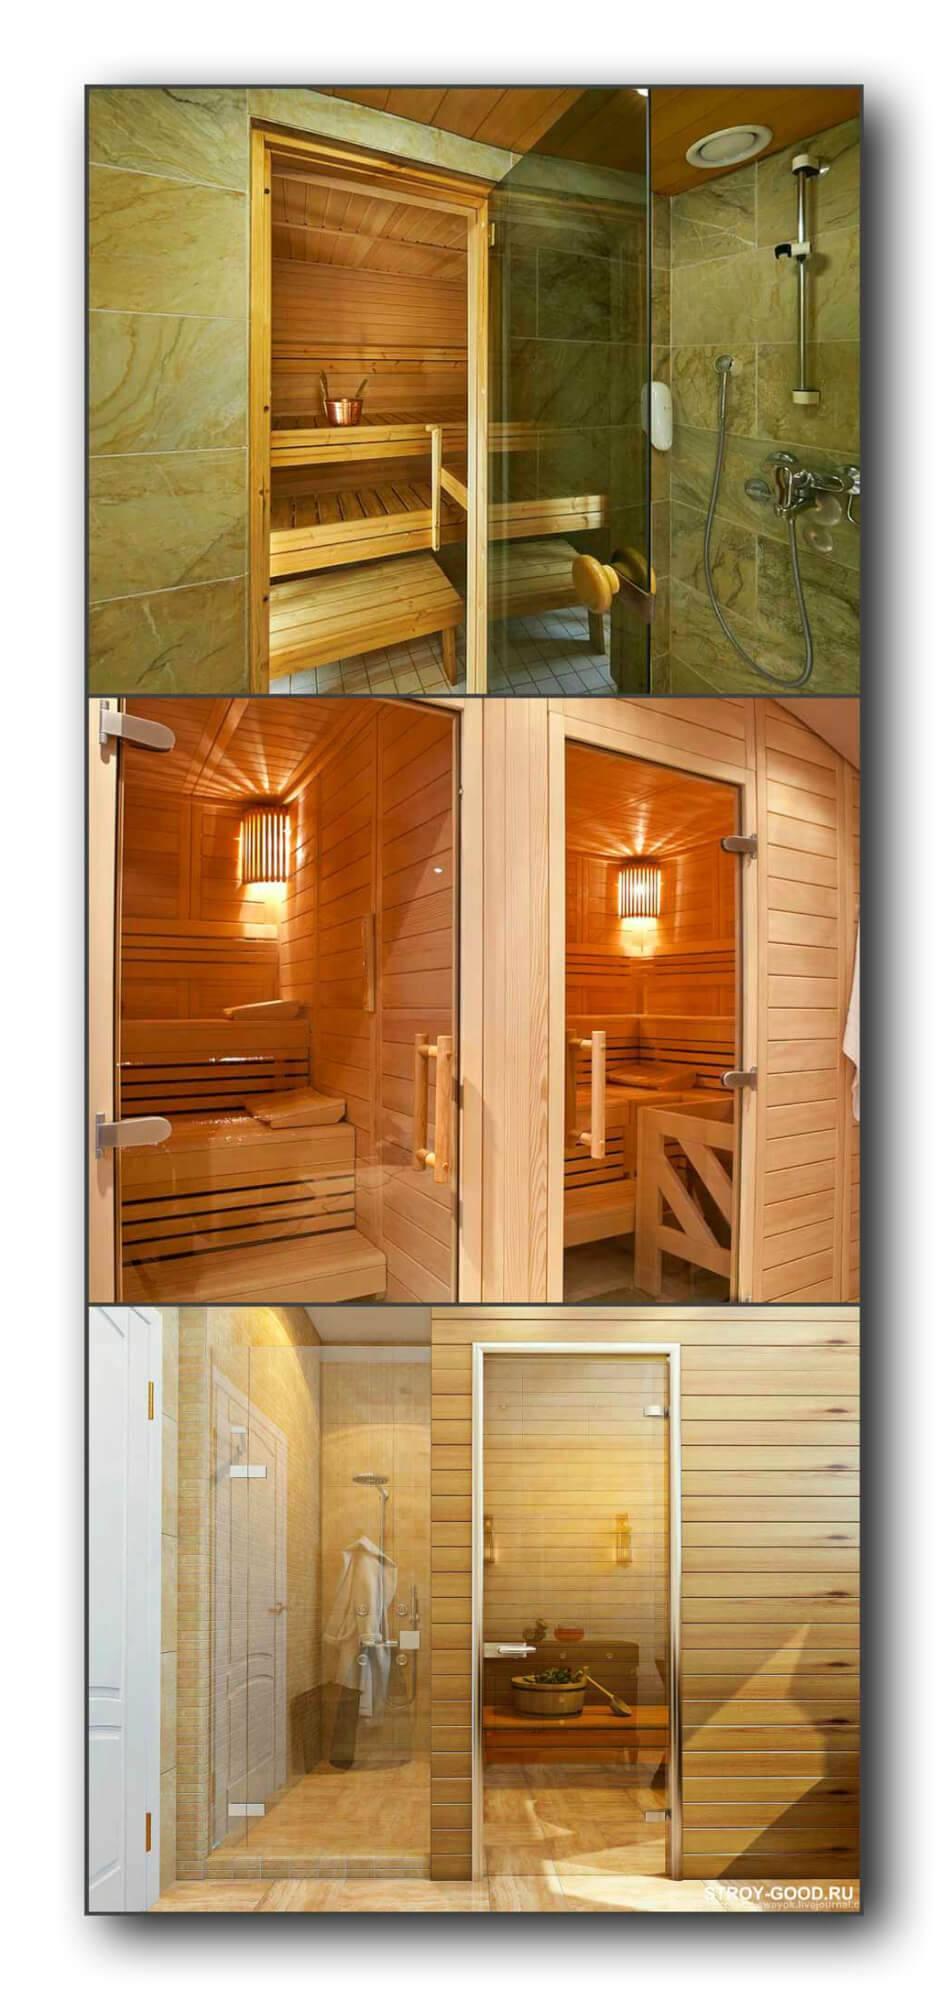 Стеклянные двери для сауны и бани: 1700х700 и иные размеры, установка и монтаж, отзывы владельцев